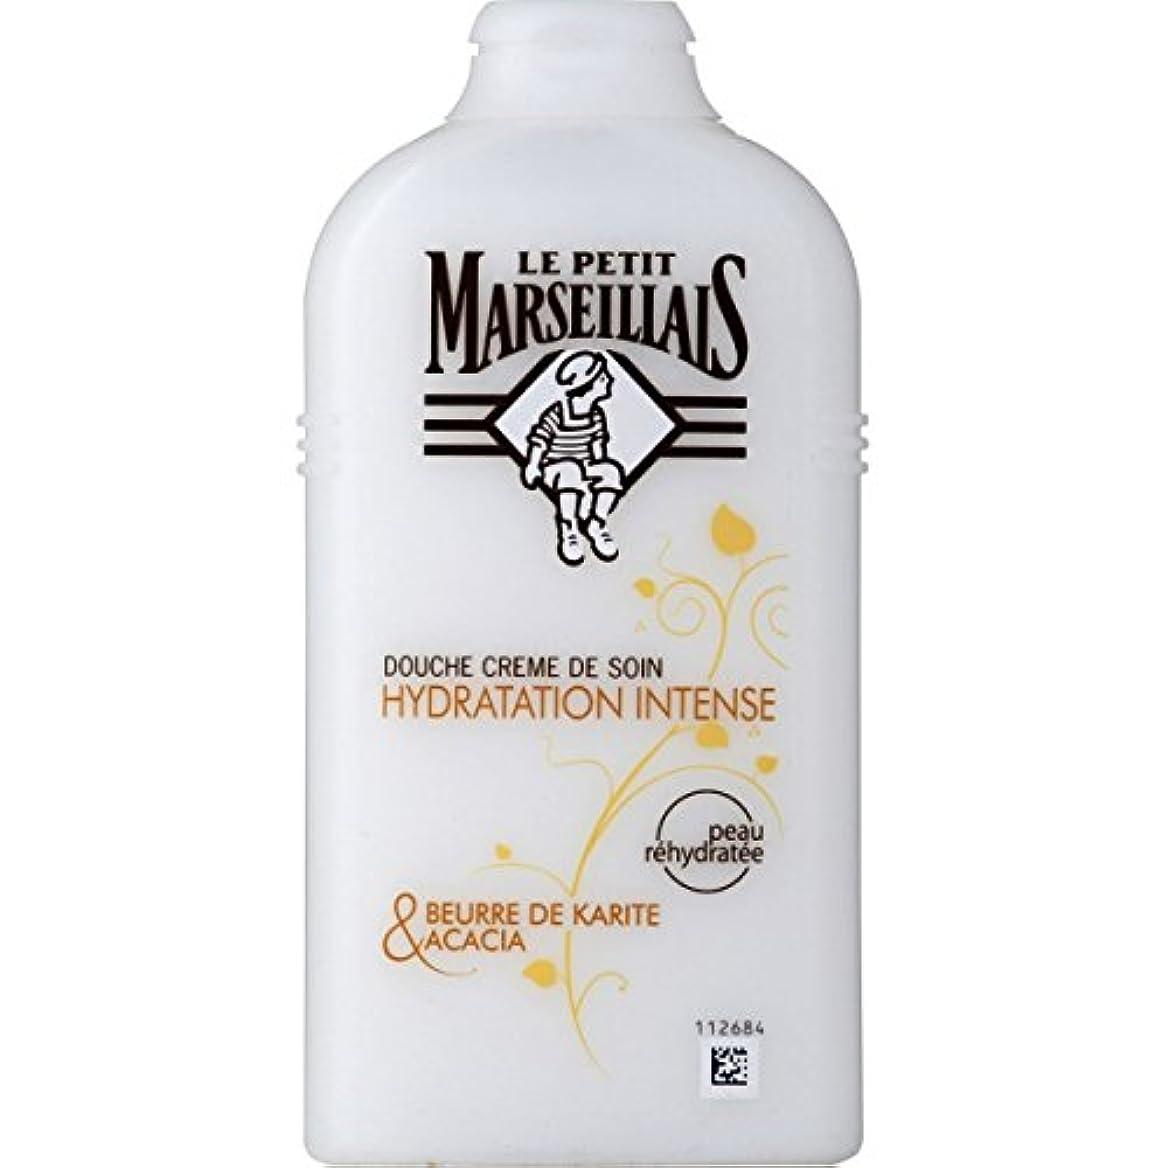 距離驚くばかり適切な「シアバター」 と「アカシア?サリグナ」シャワークリーム フランスの「ル?プティ?マルセイユ (Le Petit Marseillais)」 250ml ボディウォッシュ